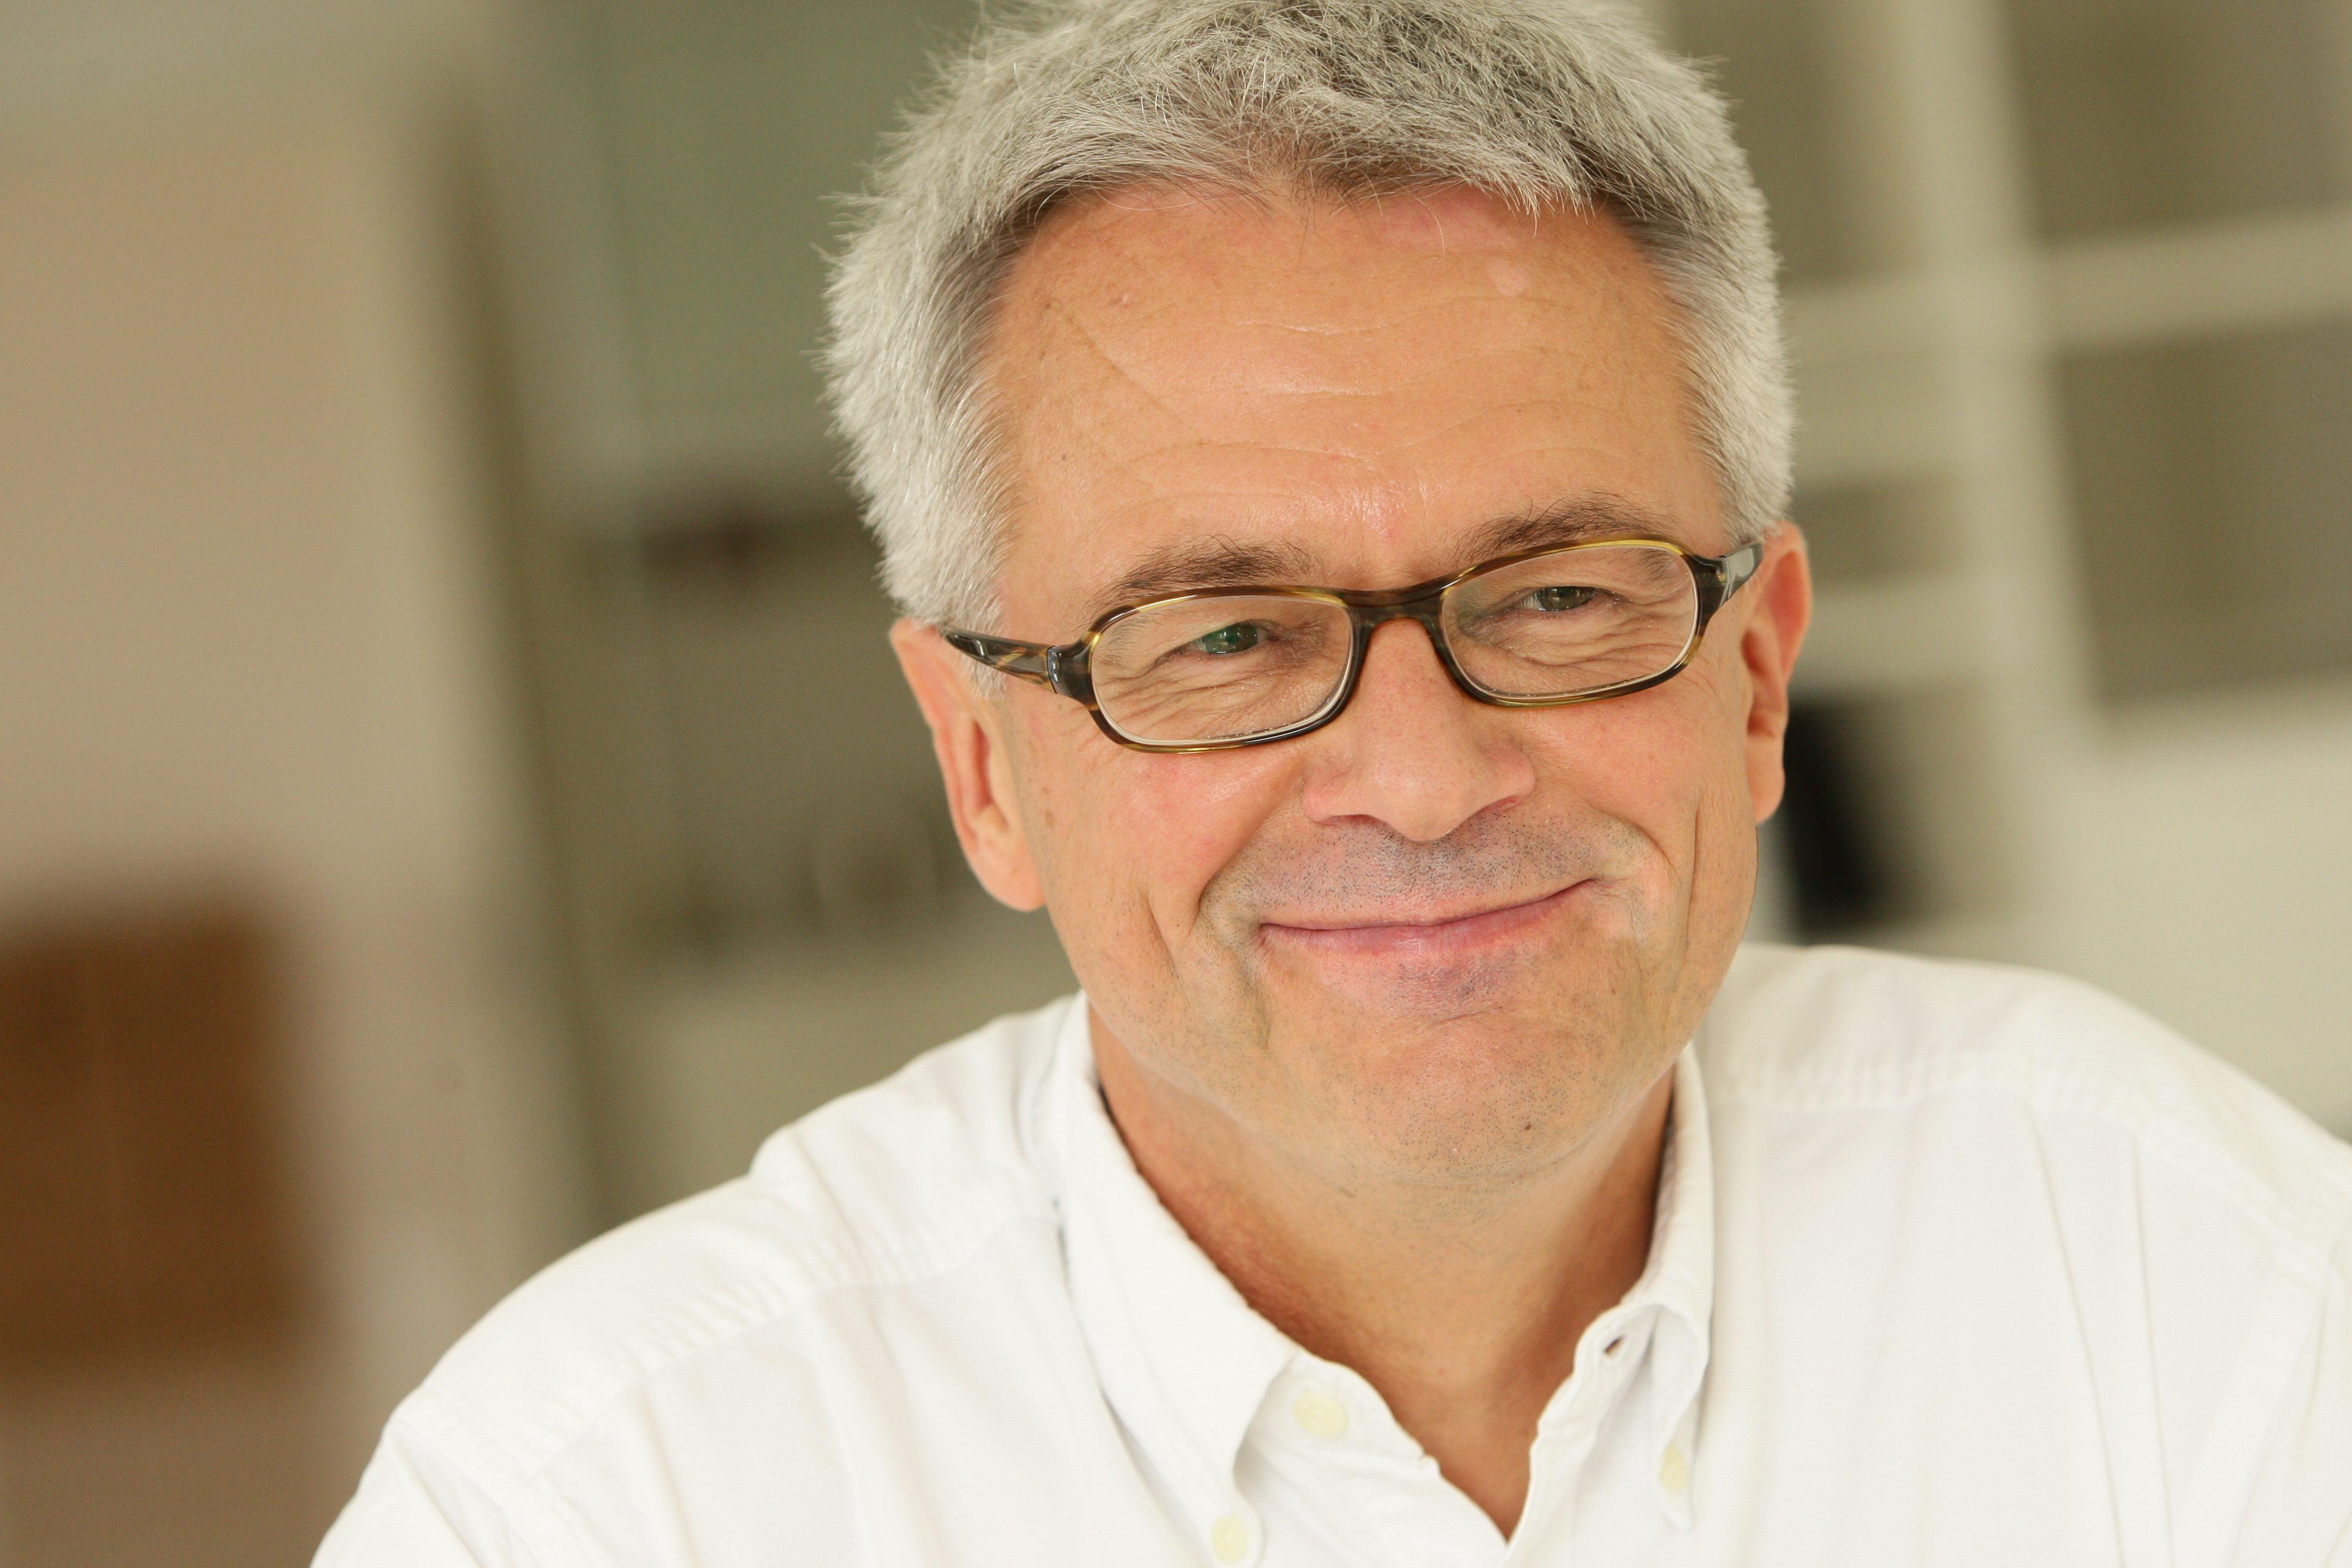 Der Münchner Bildungsforscher Manfred Prenzel, 64, war seit Juli 2014 WR-Vorsitzender. Foto: privat